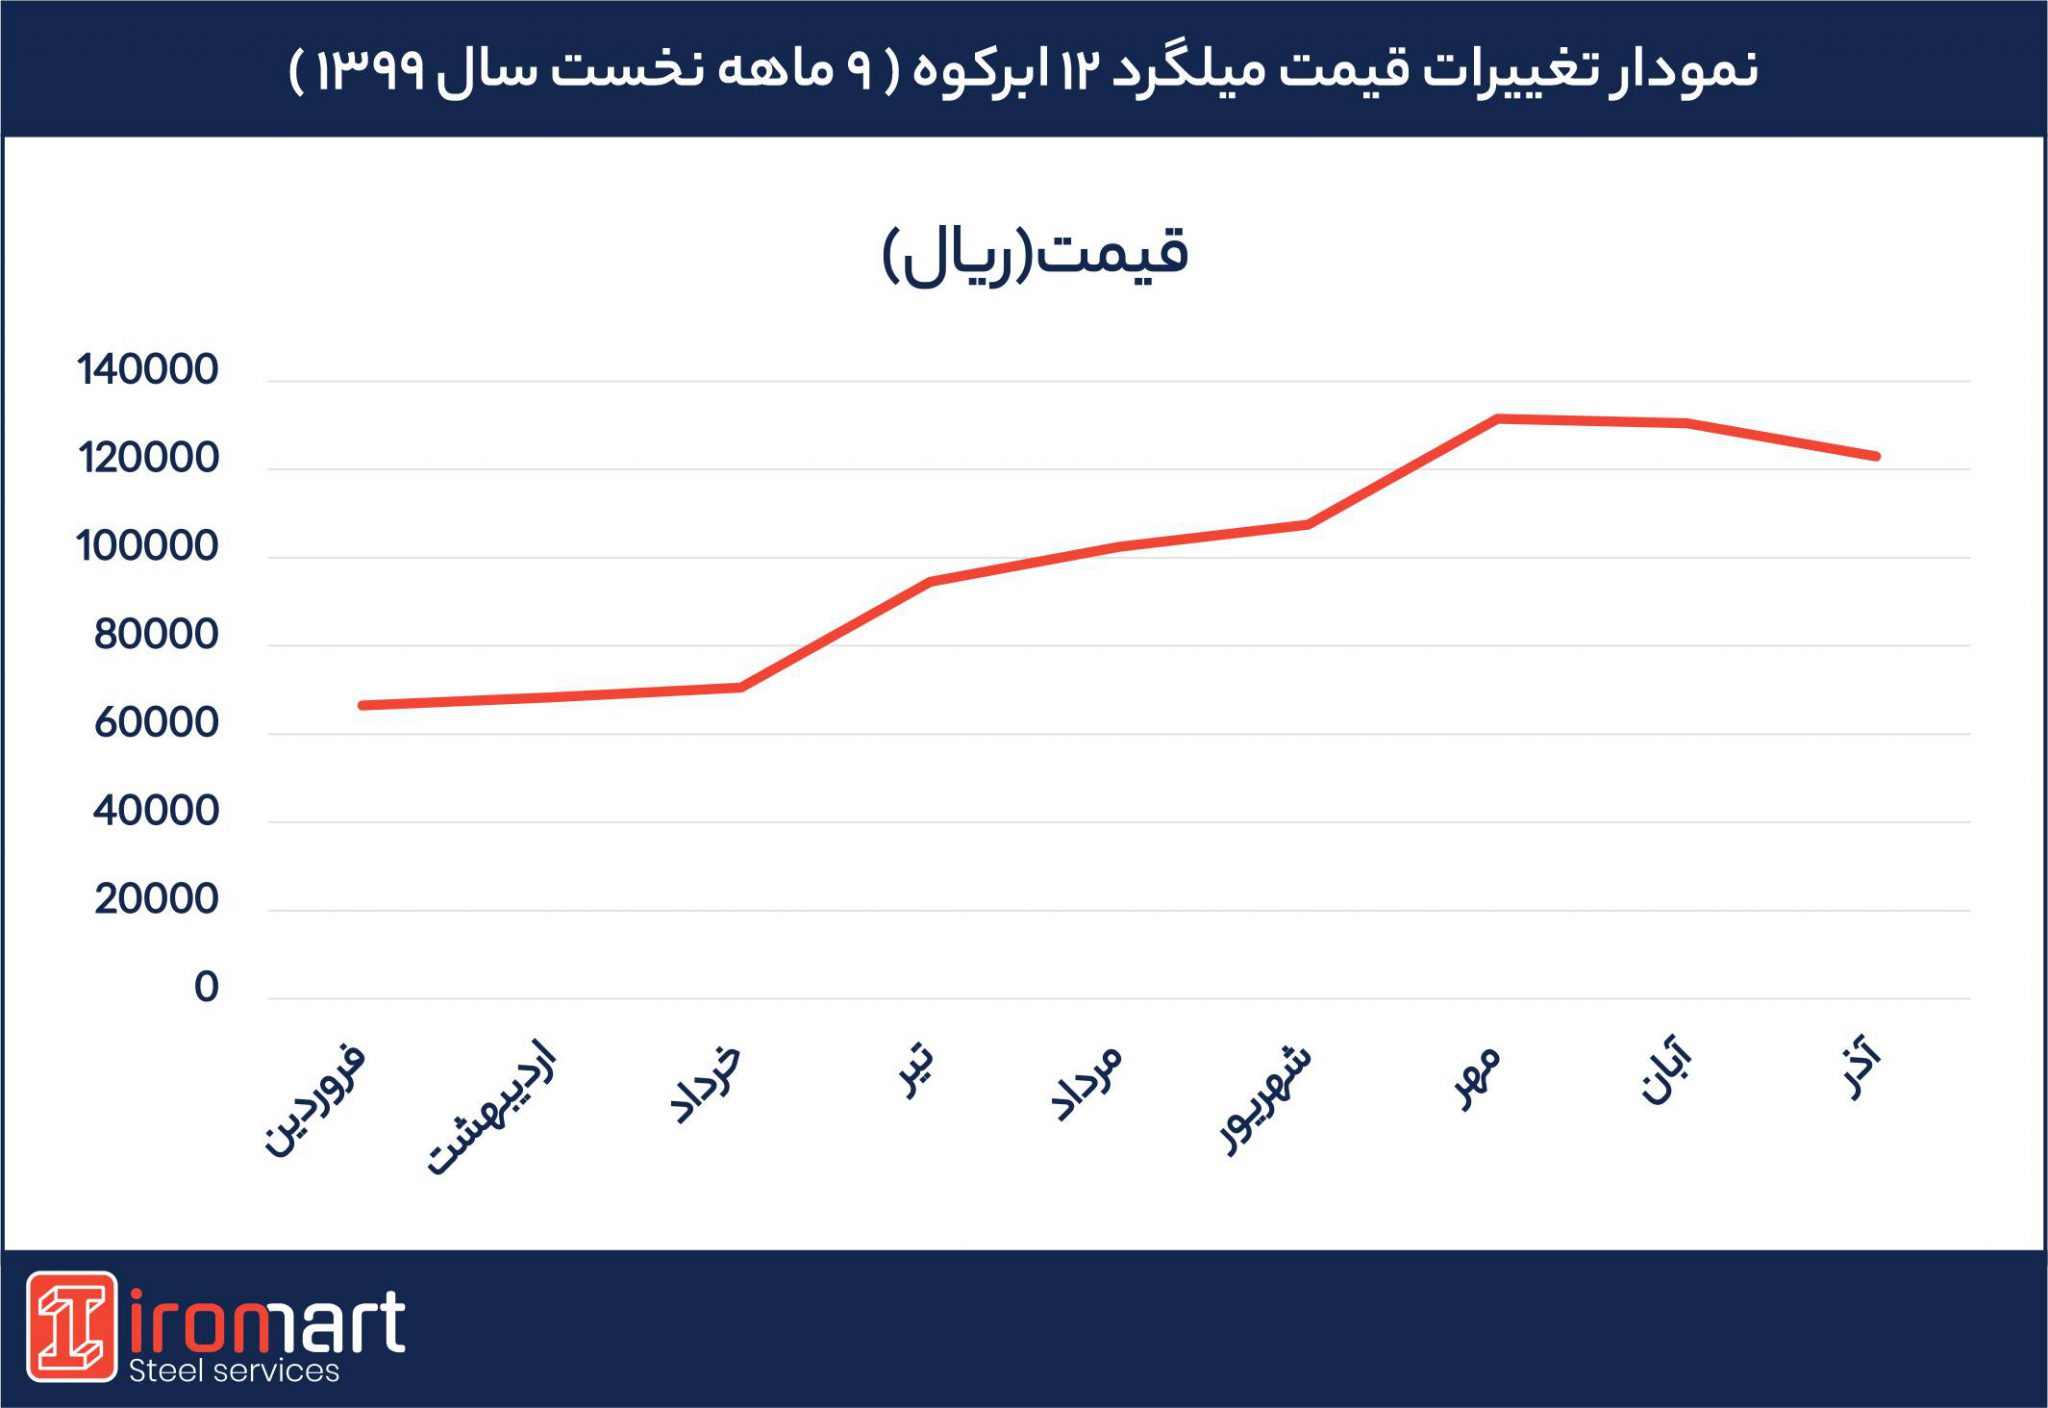 نمودار تغییر قیمت میلگرد 12ابرکوه در 9 ماهه نخست سال 99